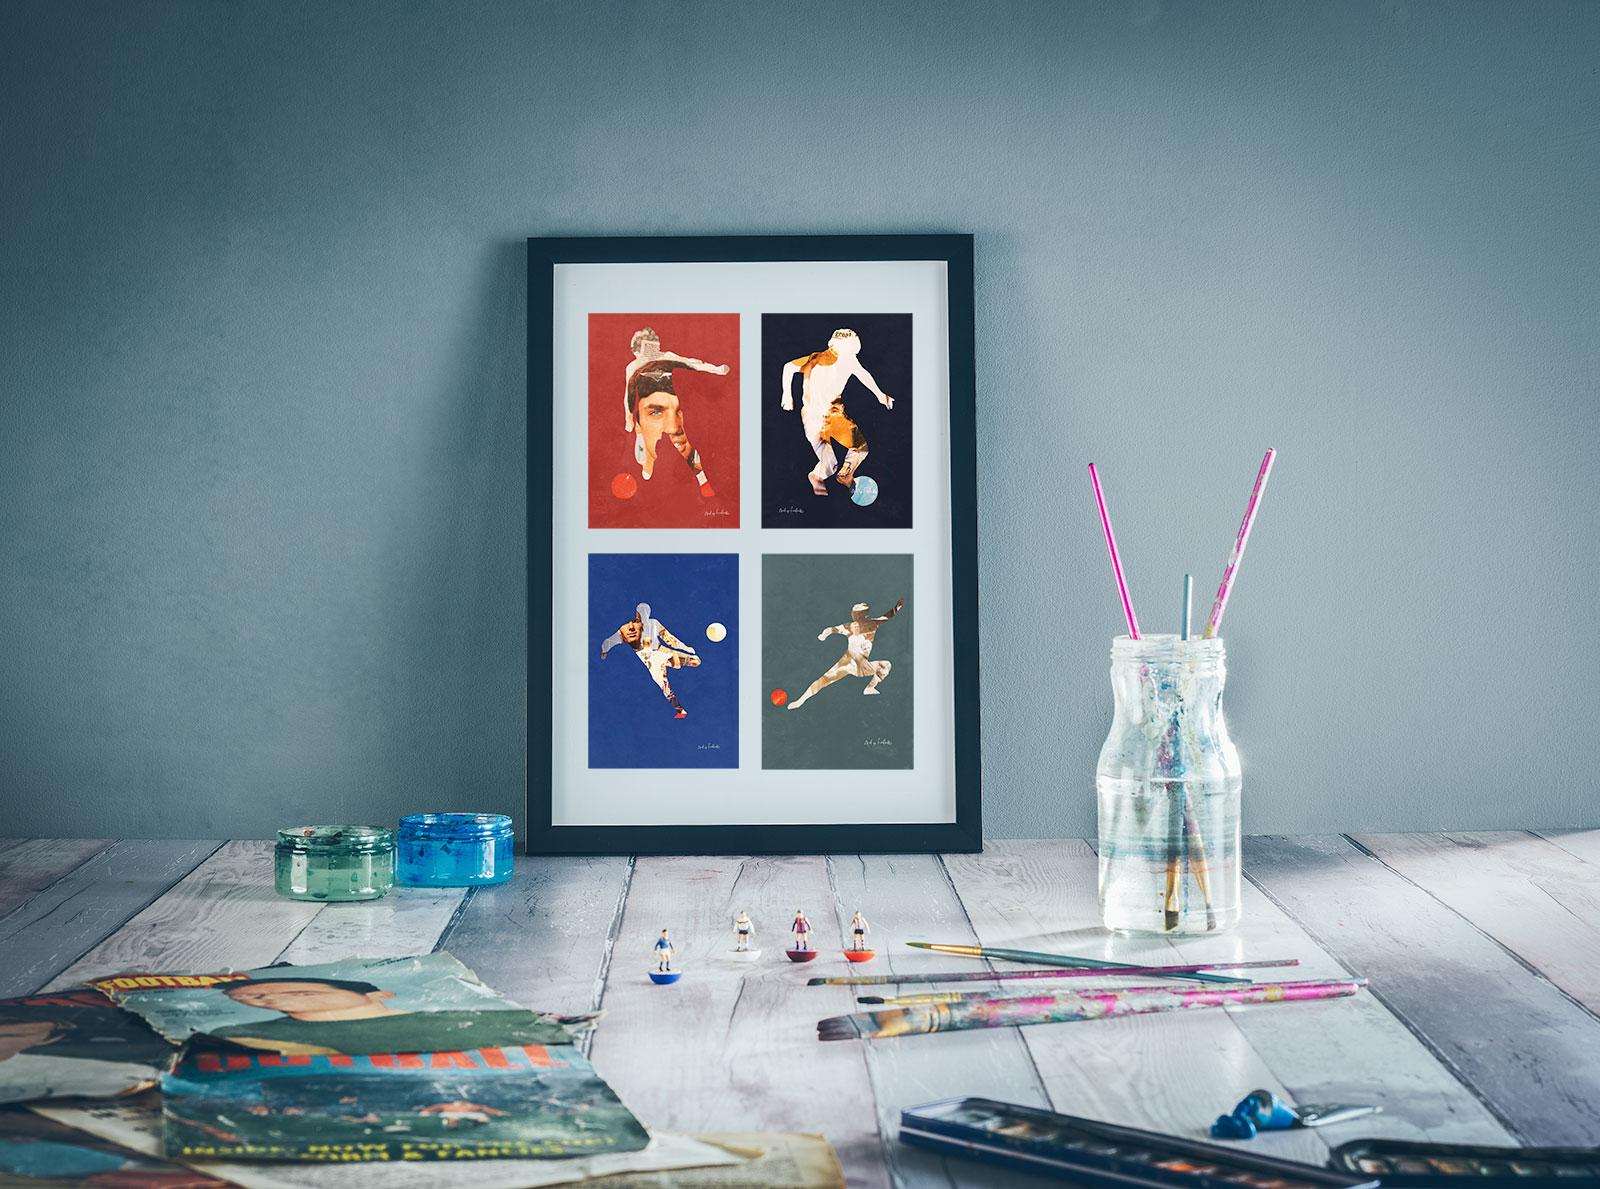 Art-Of-Football-01.jpg